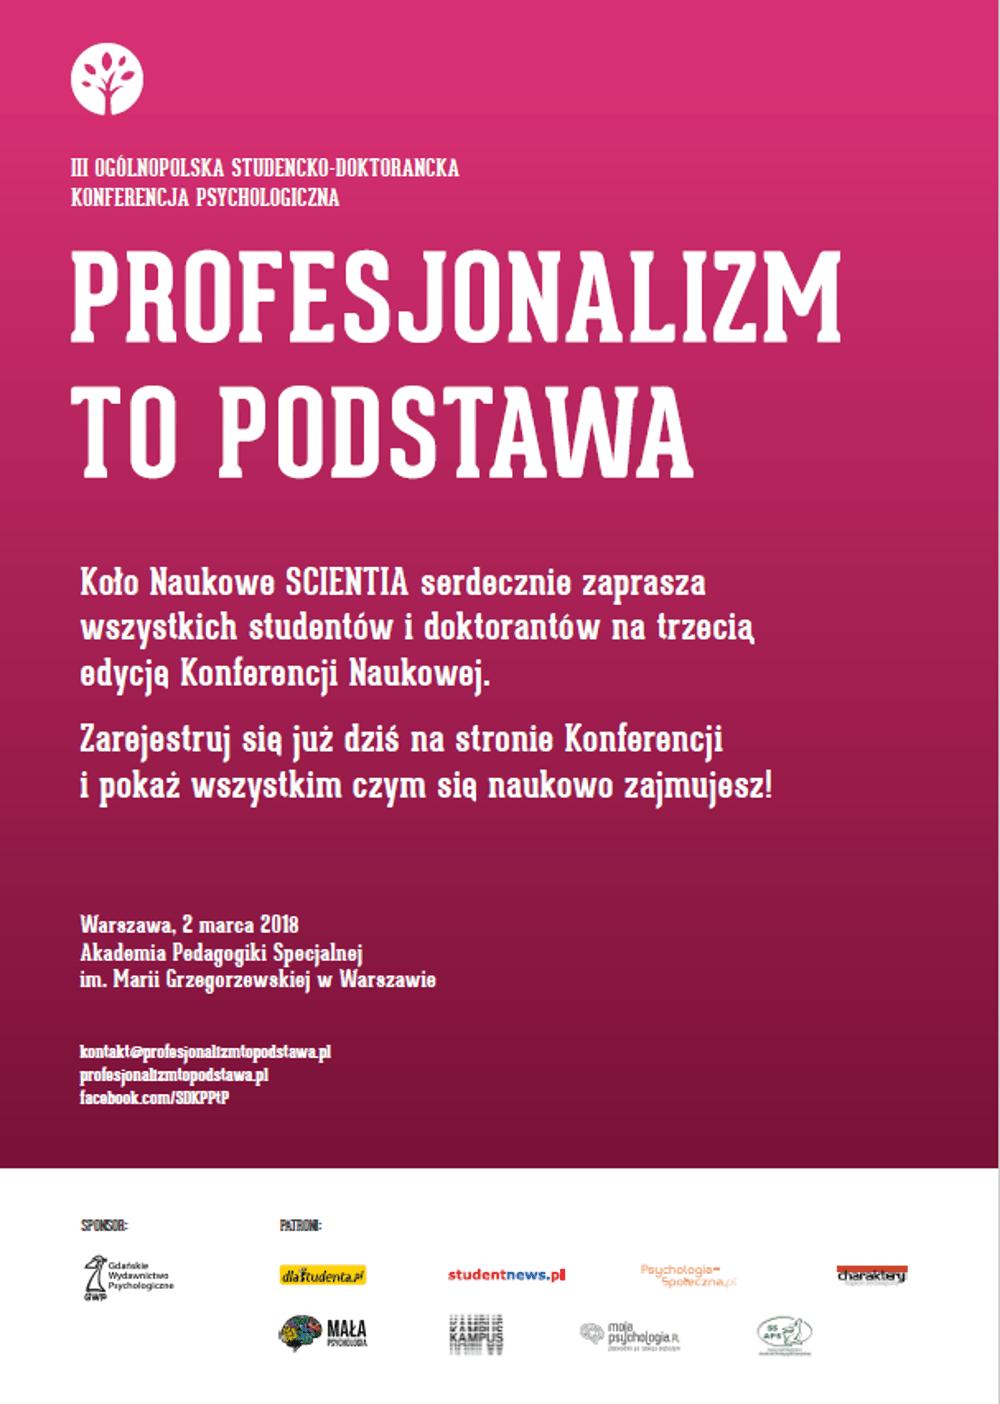 Konferencja odbędzie się 2 marca 2018 roku.